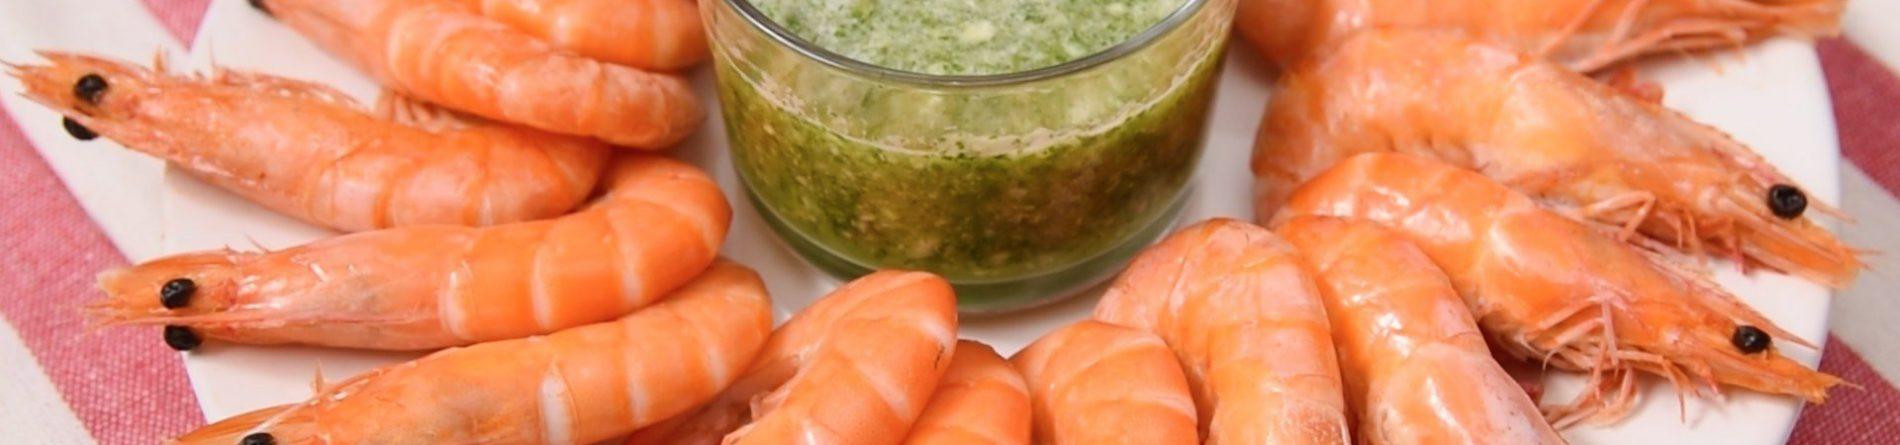 minebeauty เมนูกุ้ง ที่ทำง่ายๆ รสชาติแสนอร่อย